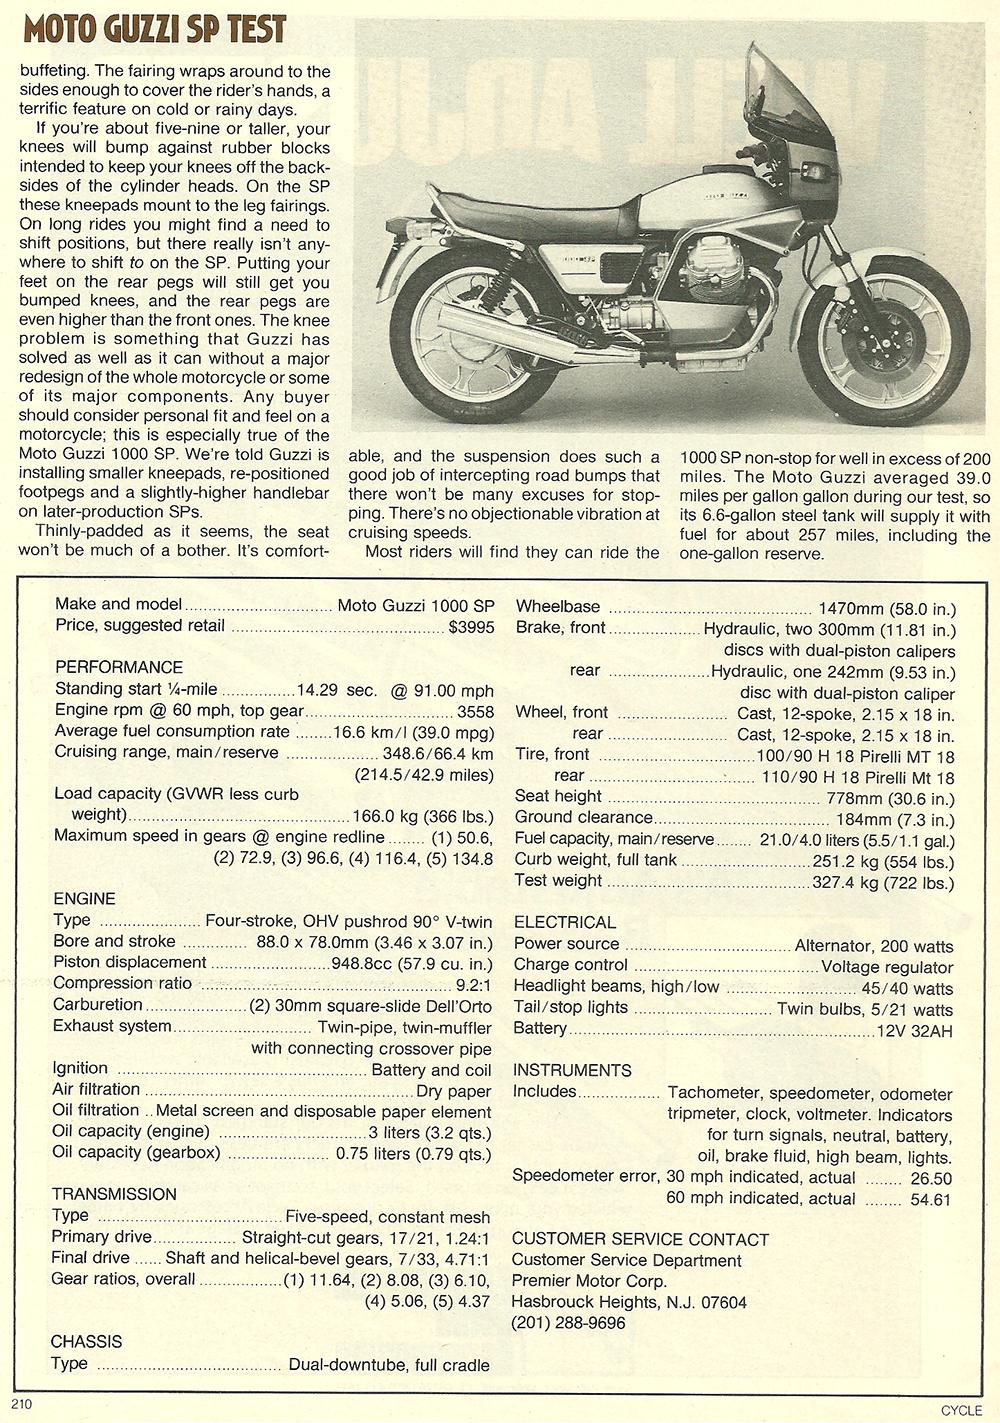 1979 Moto Guzzi 1000 SP road test 08.jpg